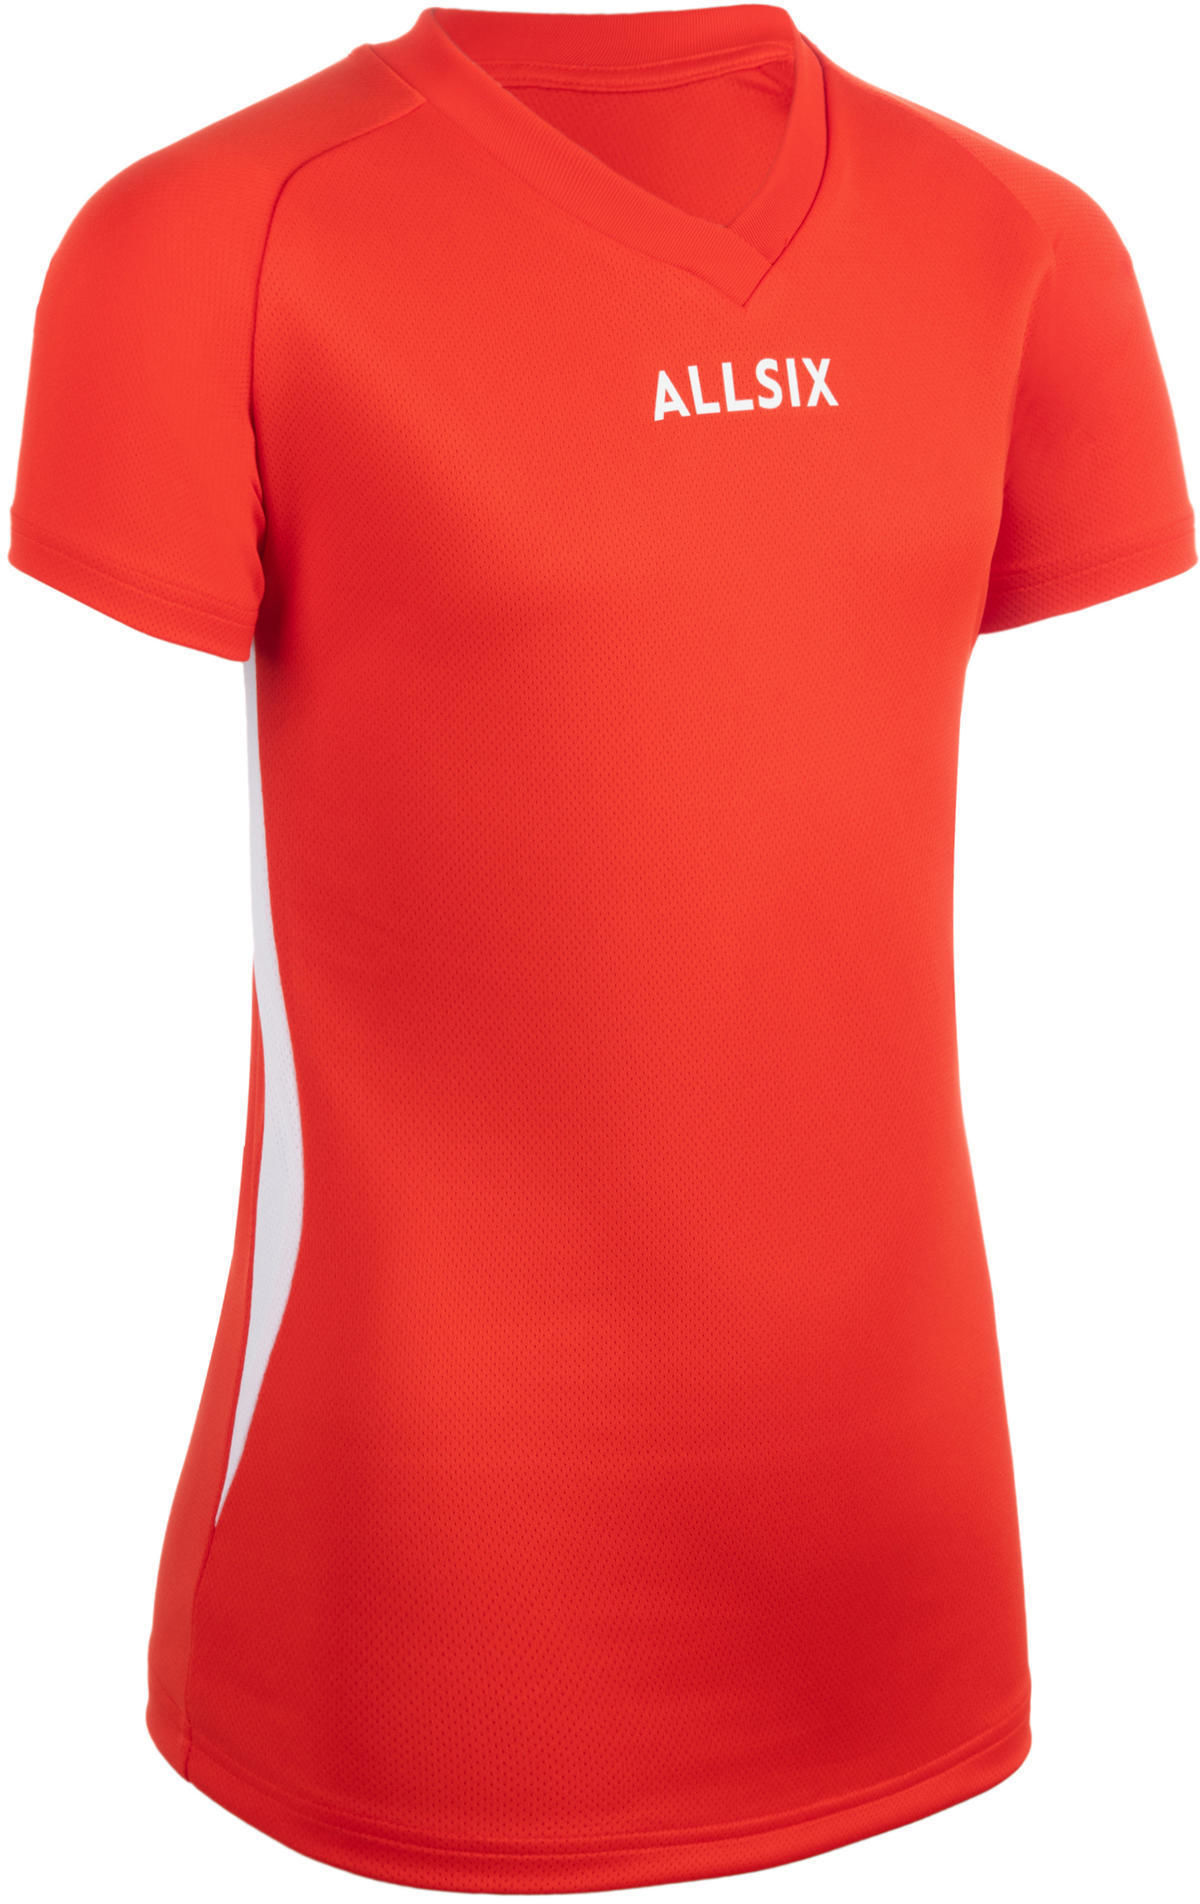 Koszulka siatkarska dla dziewczynek Allsix V100 czerwona